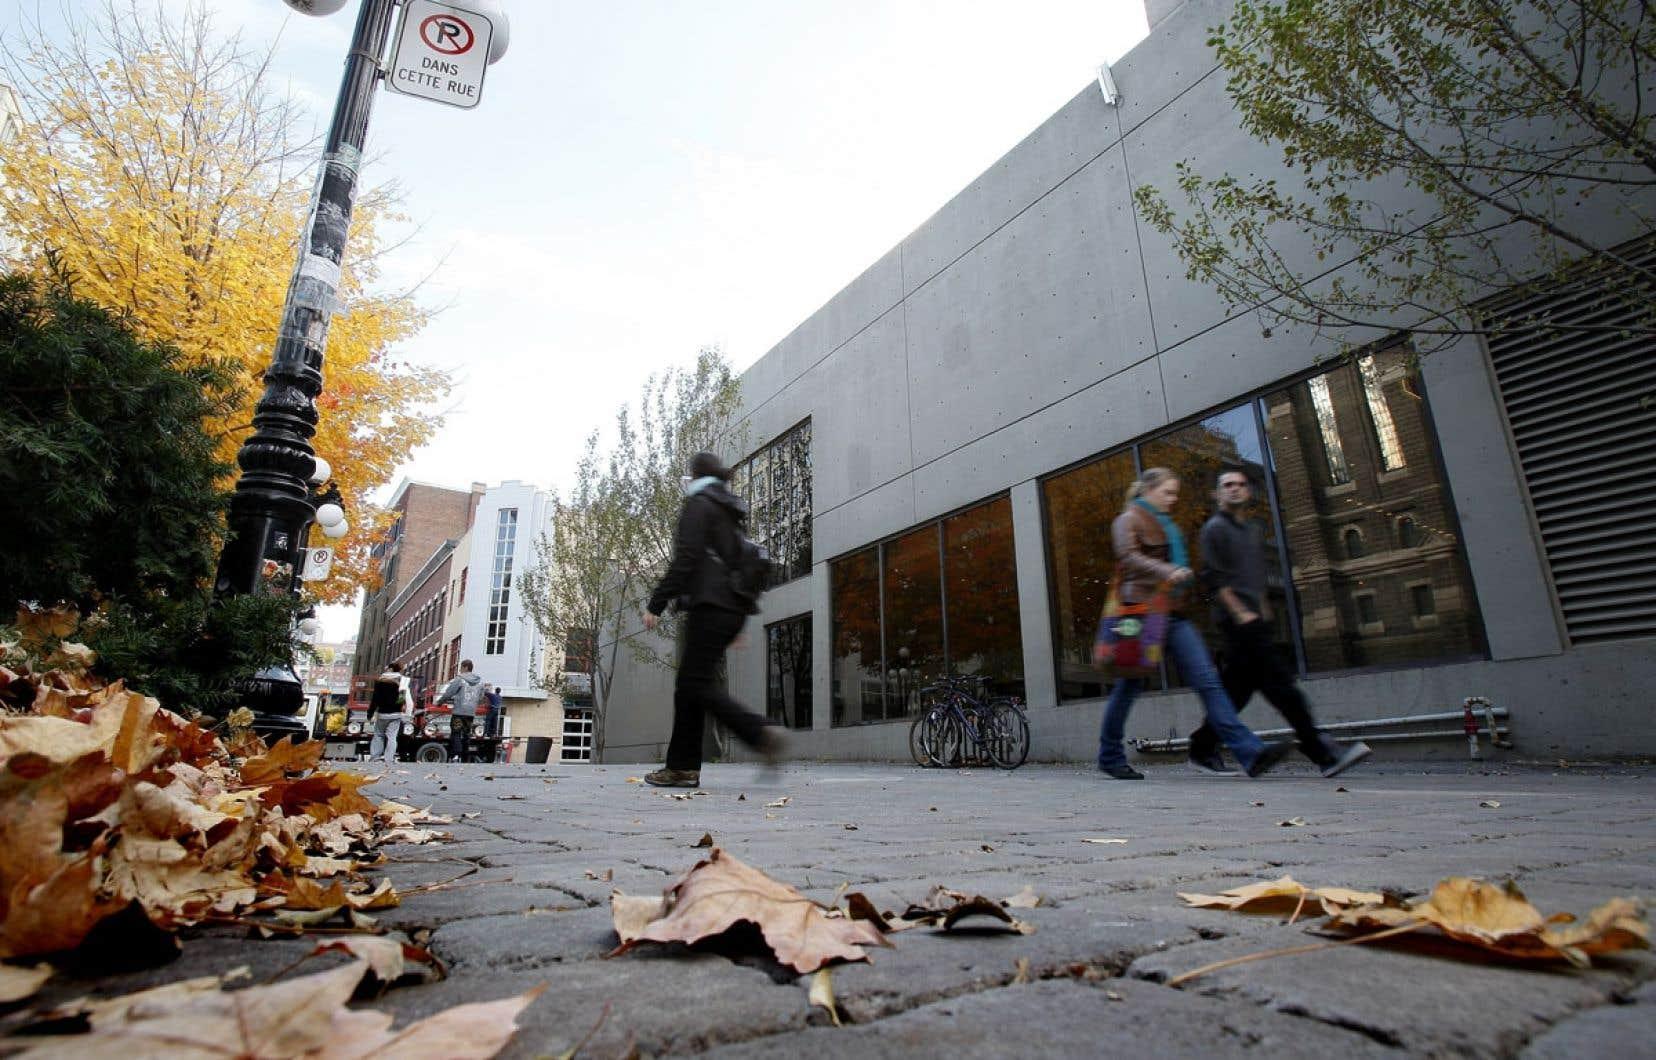 Un projet de terrasse devant l'hôtel Pur avait suscité la grogne à la fin de 2012, mais le projet n'a pas vu le jour jusqu'à maintenant.